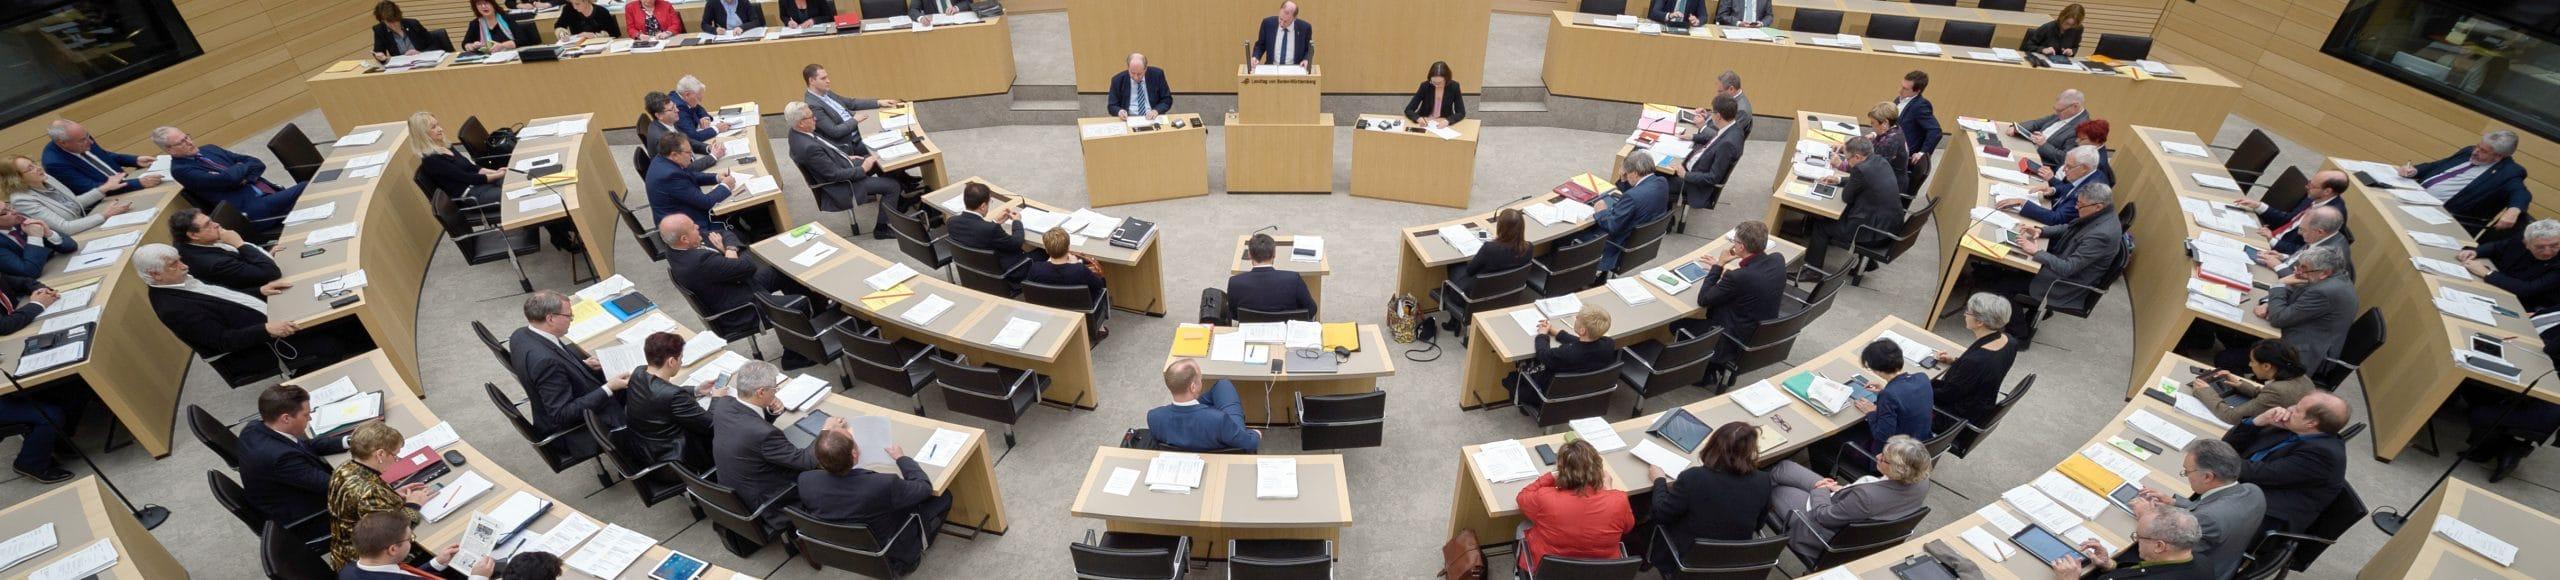 Recht und Verfassung Landtagssitzung Wahlrechtsreform